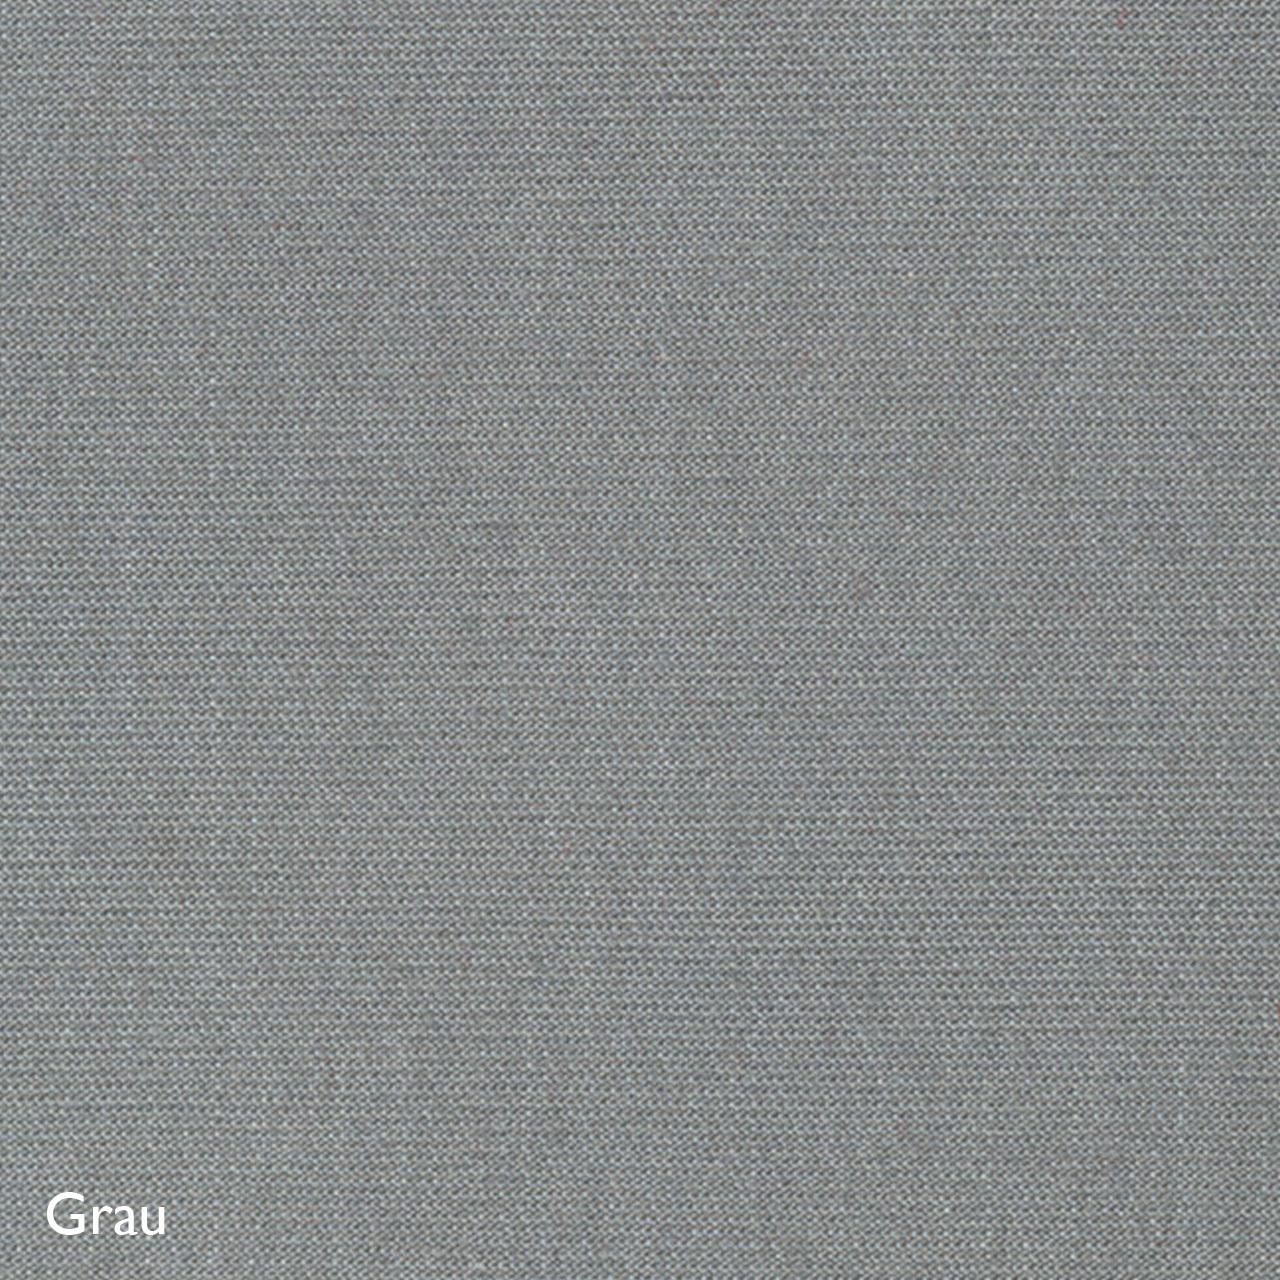 Weishäupl Farbkacheln Grau